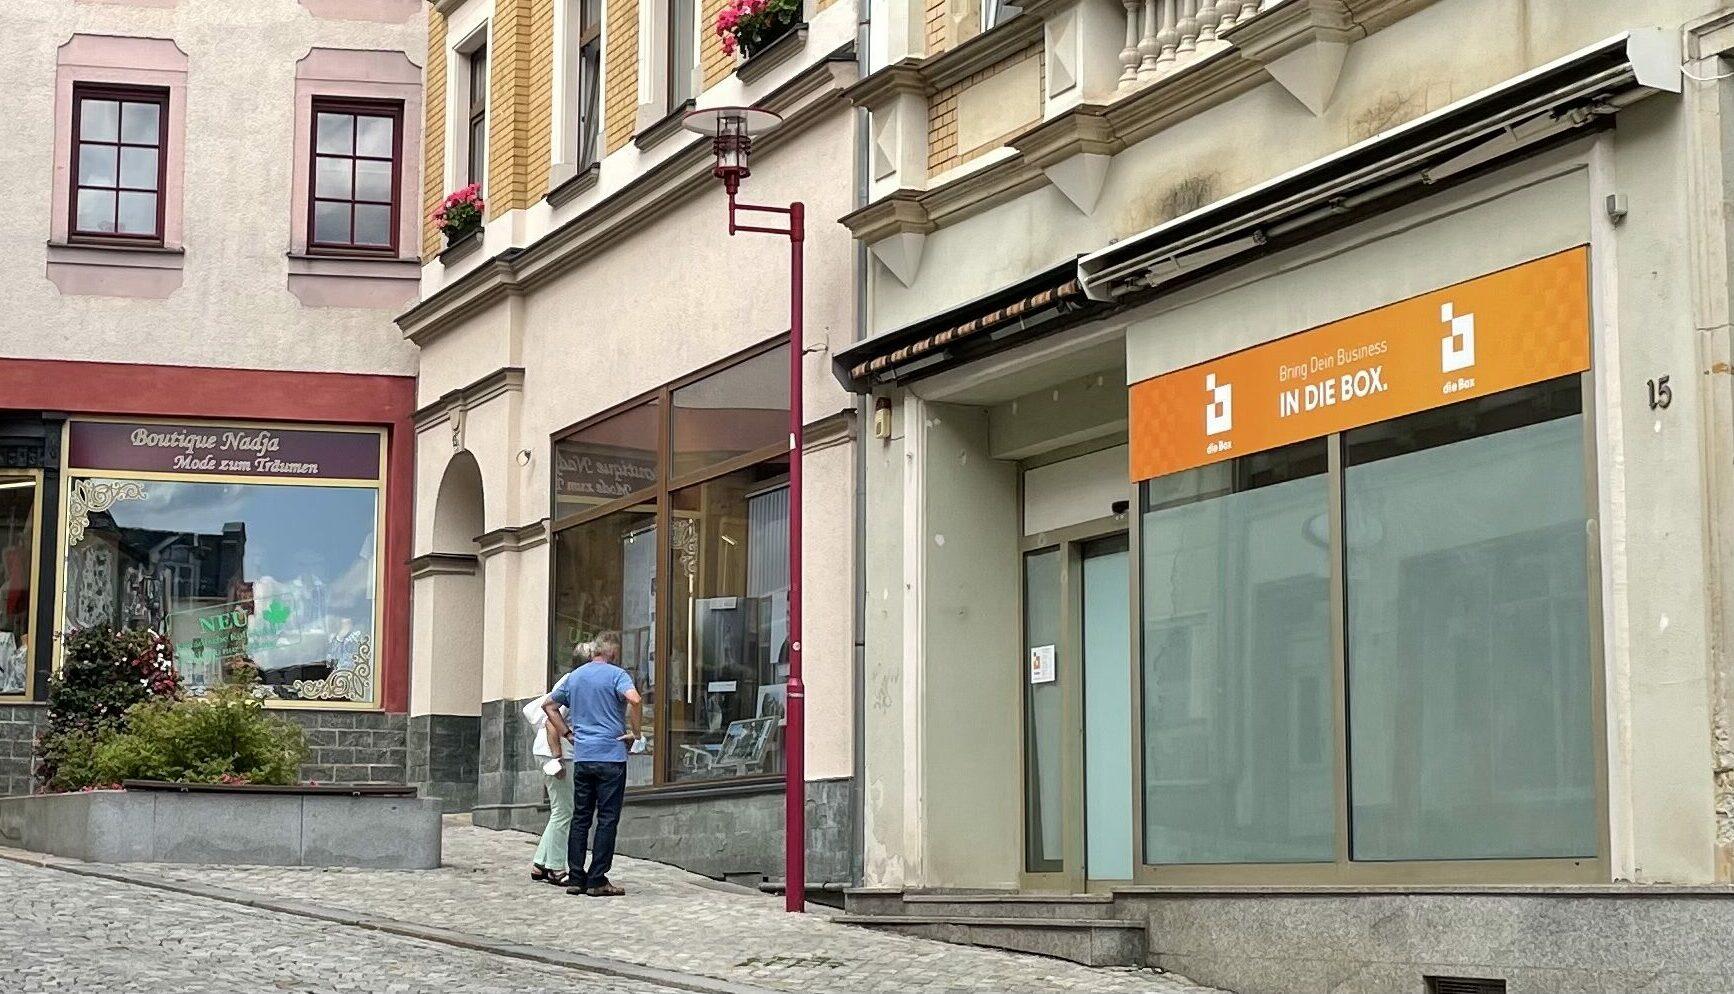 Die Box in Hohenstein-Ernstthal